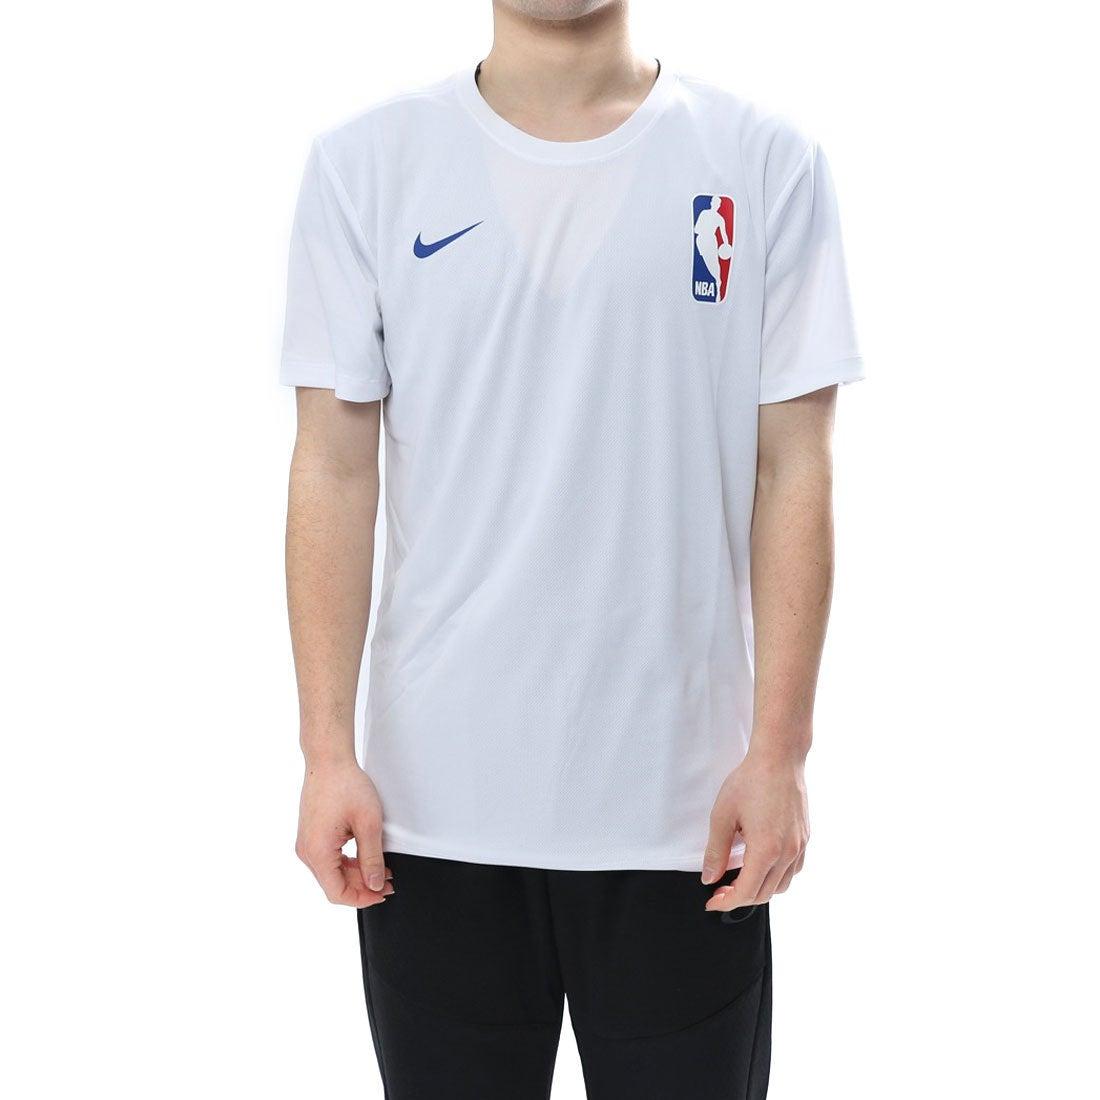 ナイキ NIKE バスケットボール 半袖Tシャツ  SMALL JERRY WEST LOGO S/S Tシャツ AH9204100